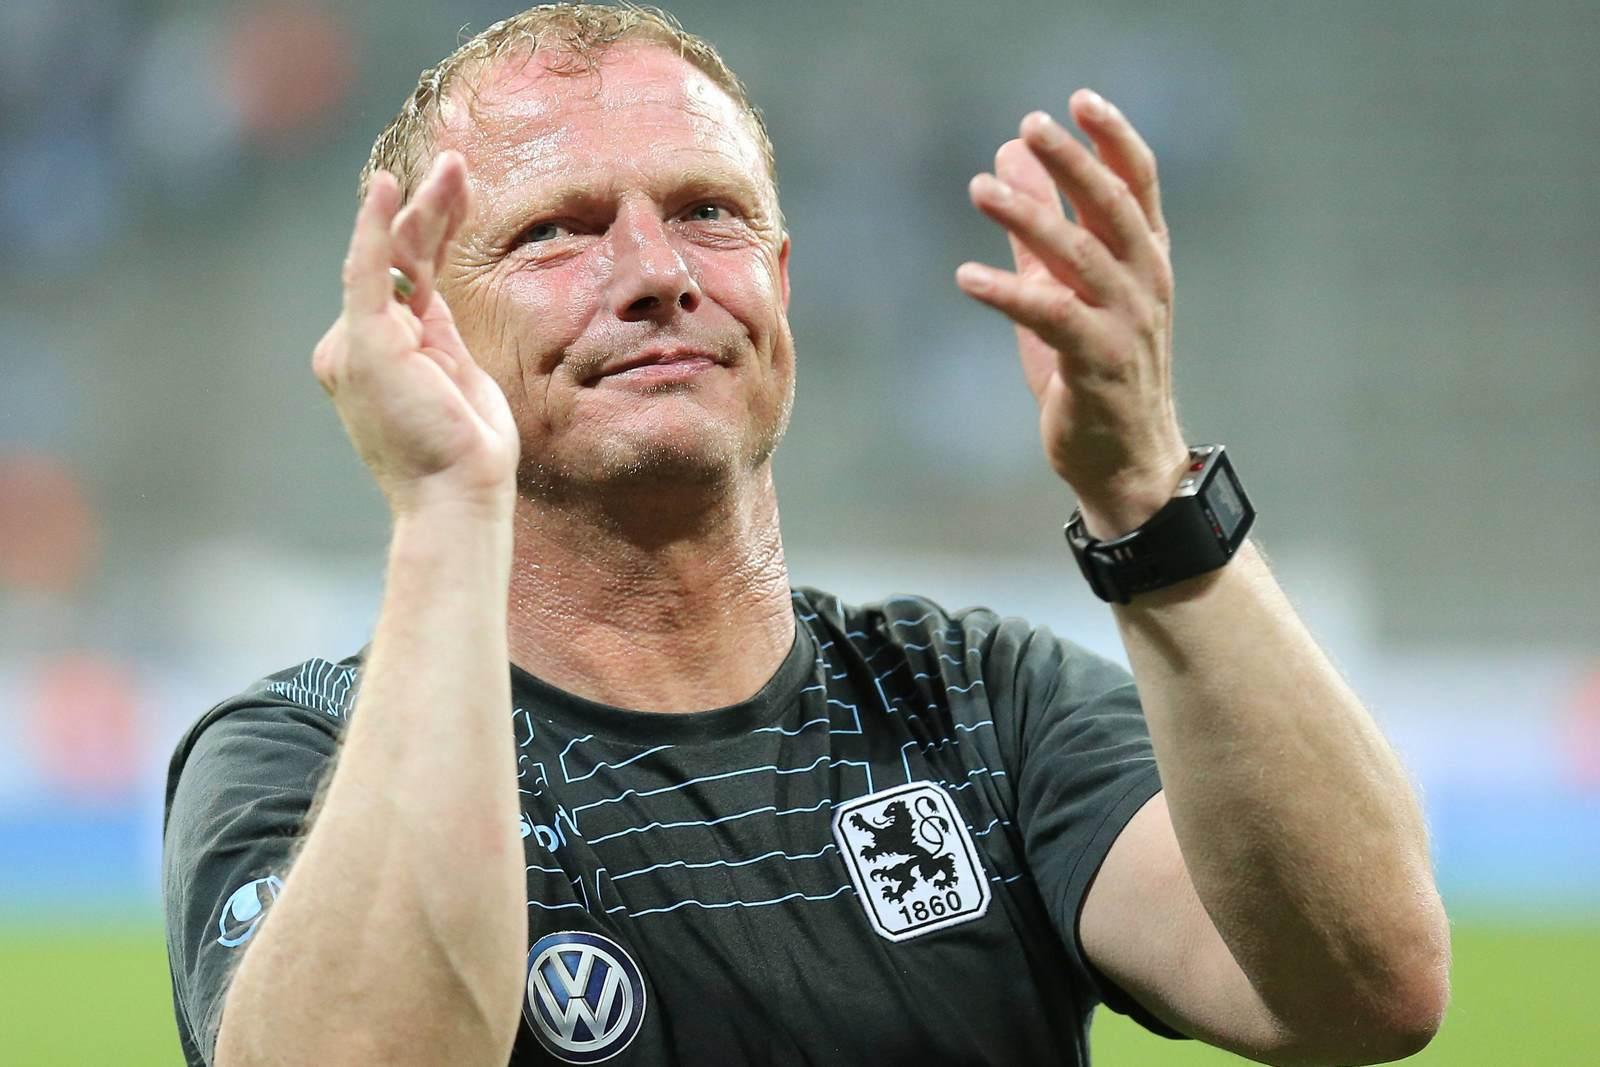 Torsten Fröhling nach dem Klassenerhalt von 1860 München in der Saison 2014/15. Momentan ist der 51-Jährige vereinslos